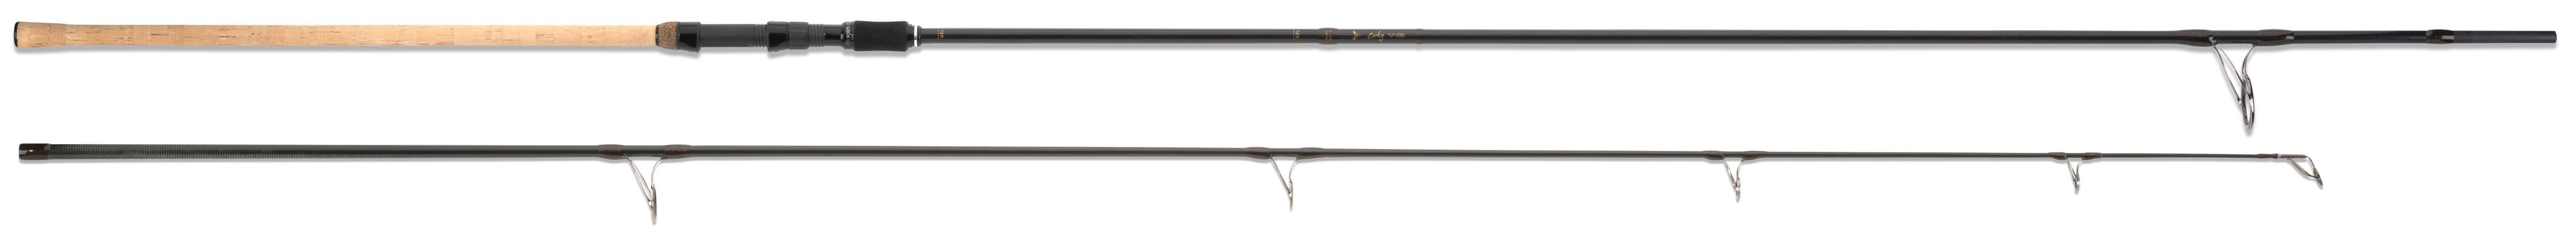 Anaconda prut Corky V-series 12-13 ft/ 3,25 lb